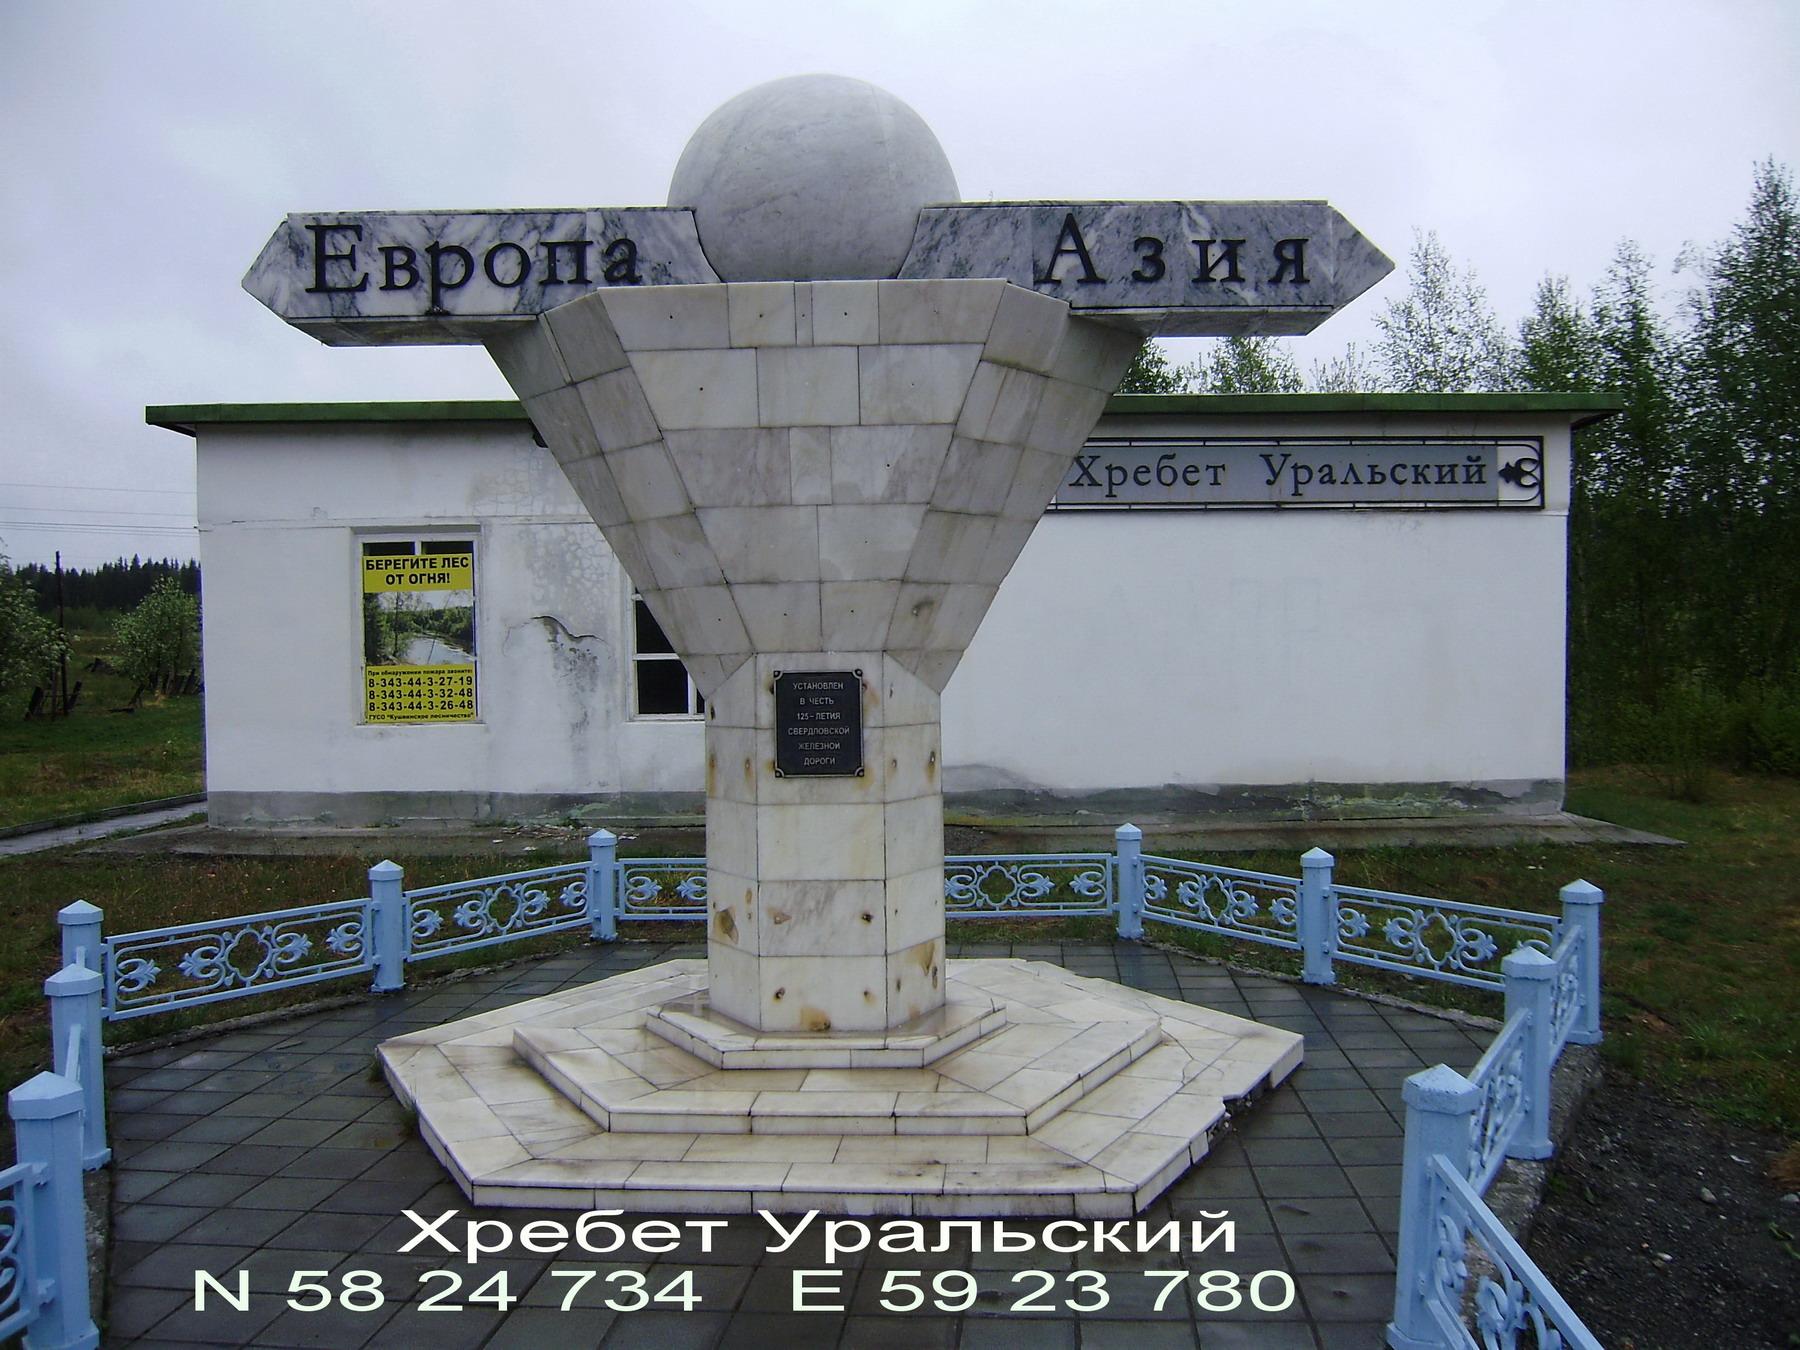 http://ic.pics.livejournal.com/ushakovpetr/36569960/8677/8677_original.jpg